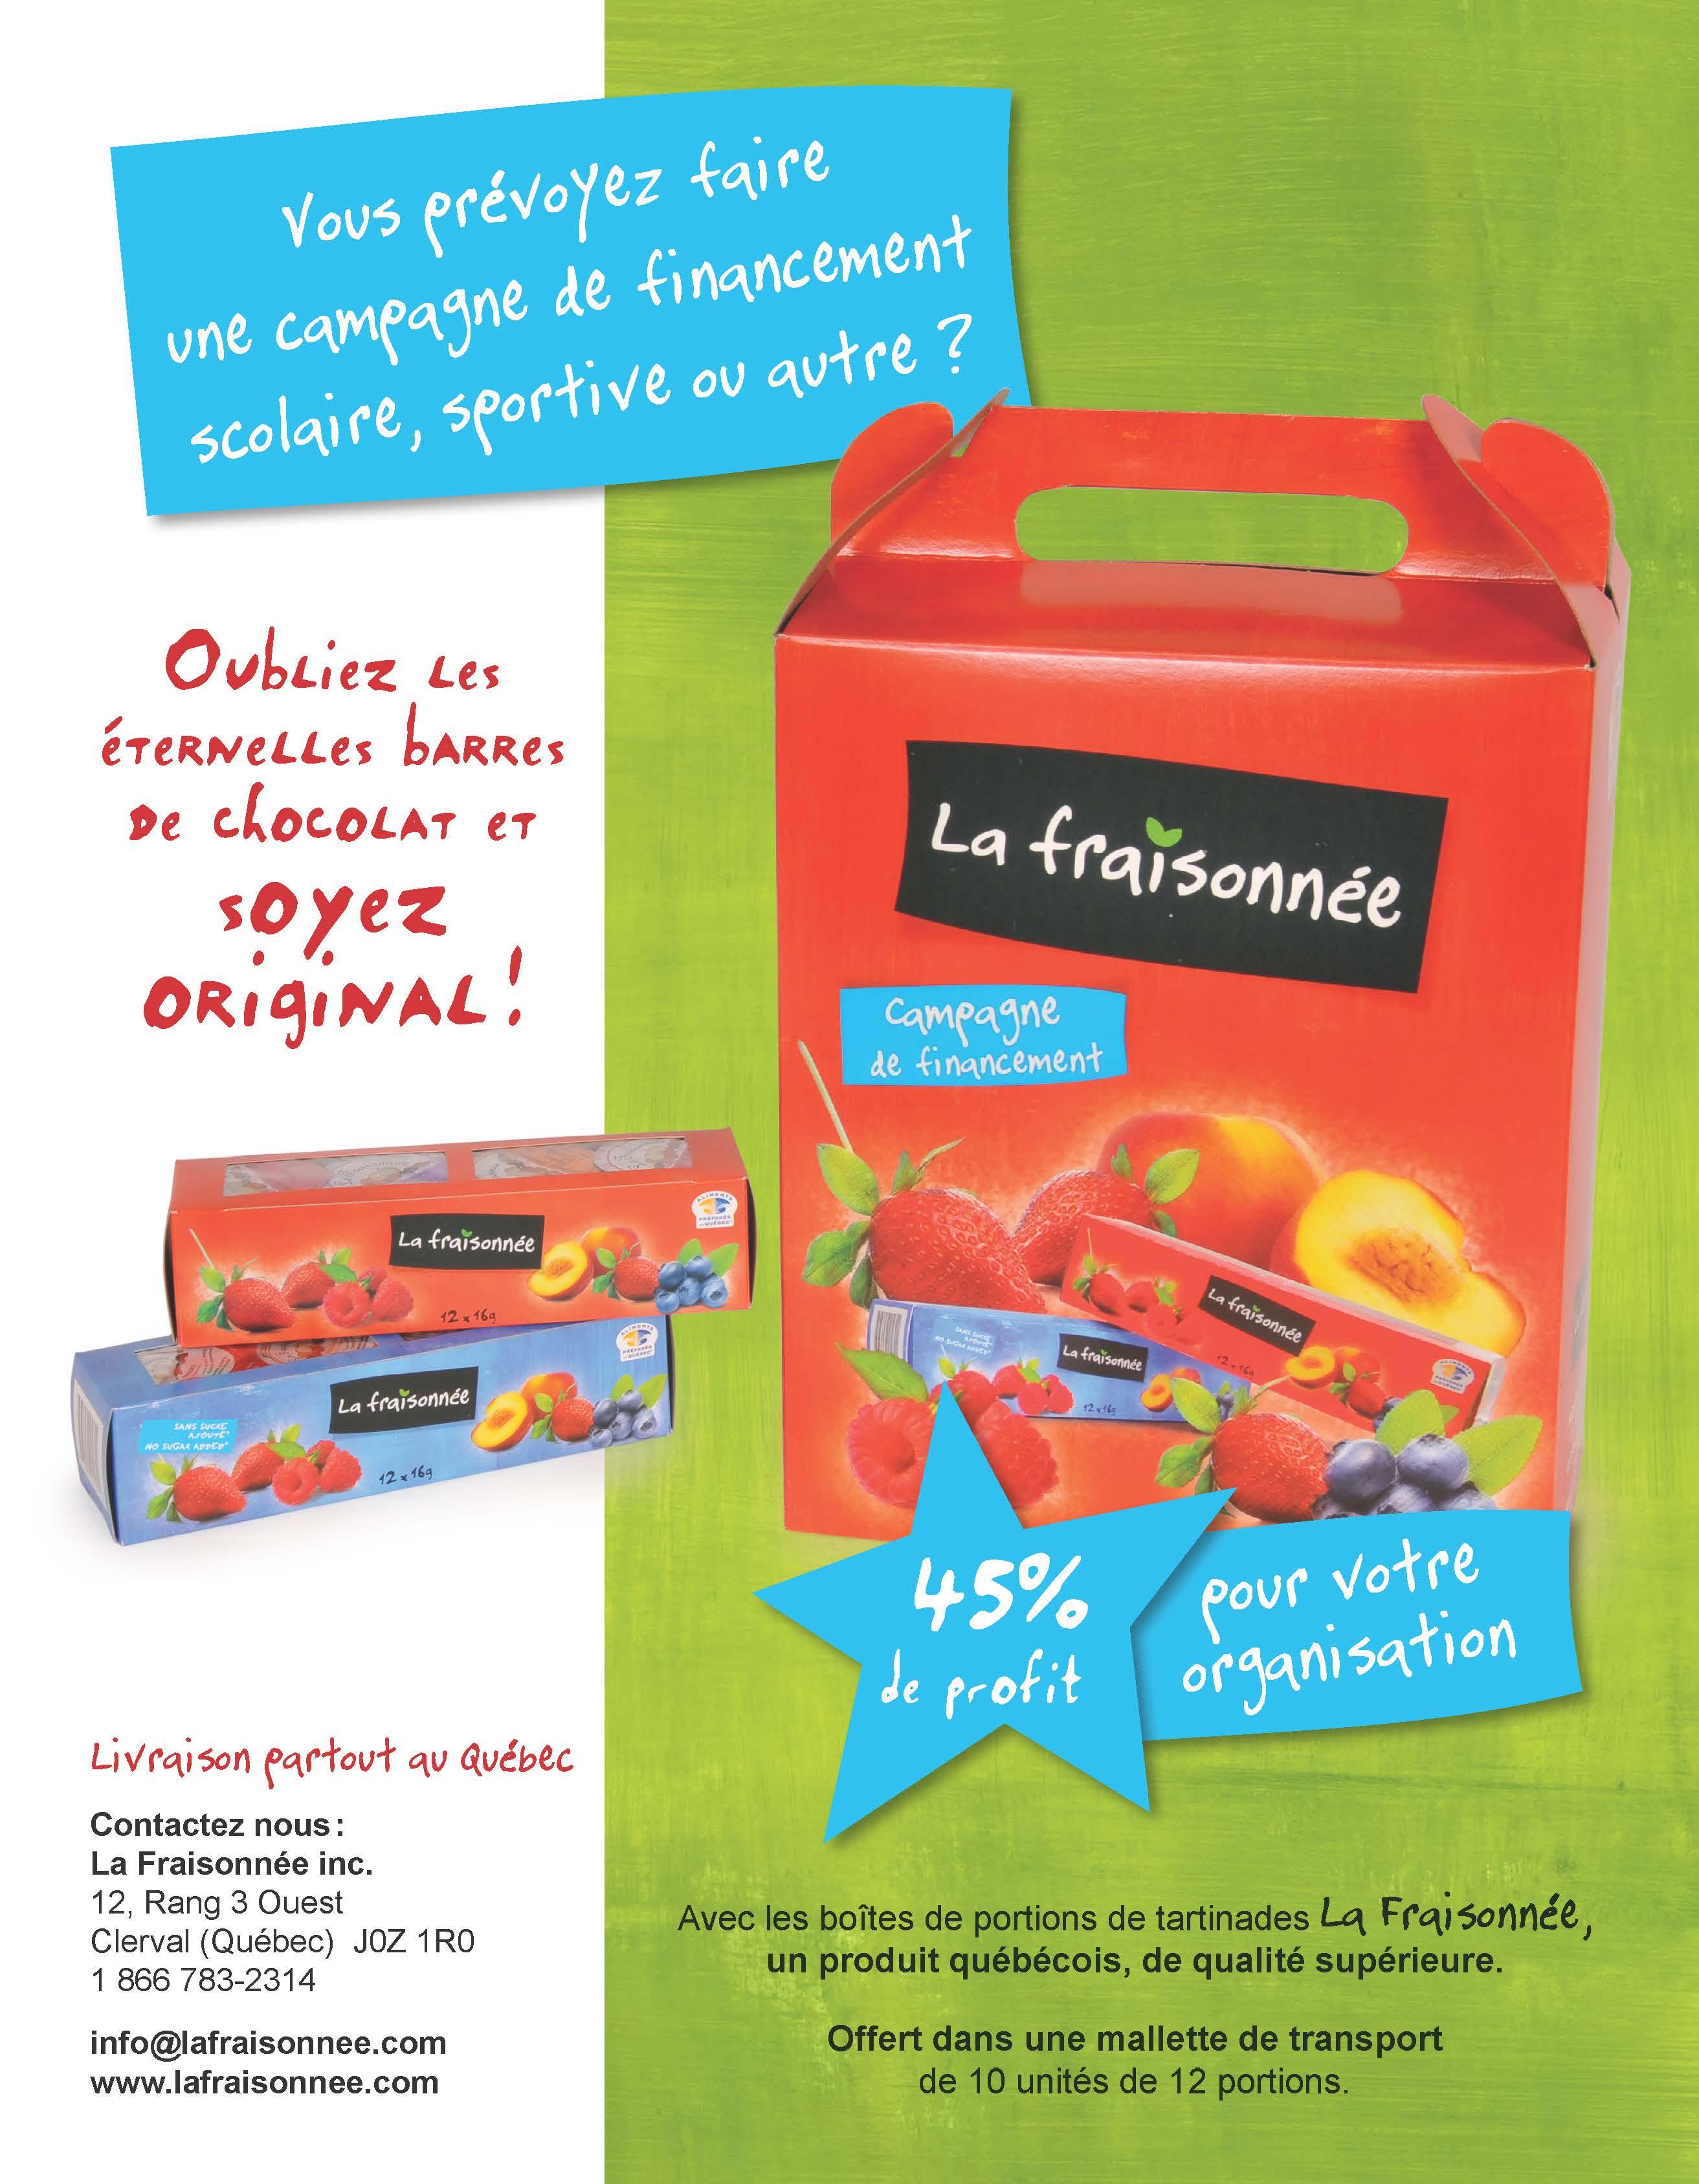 Fraisonnee_CampagneFinancement2019